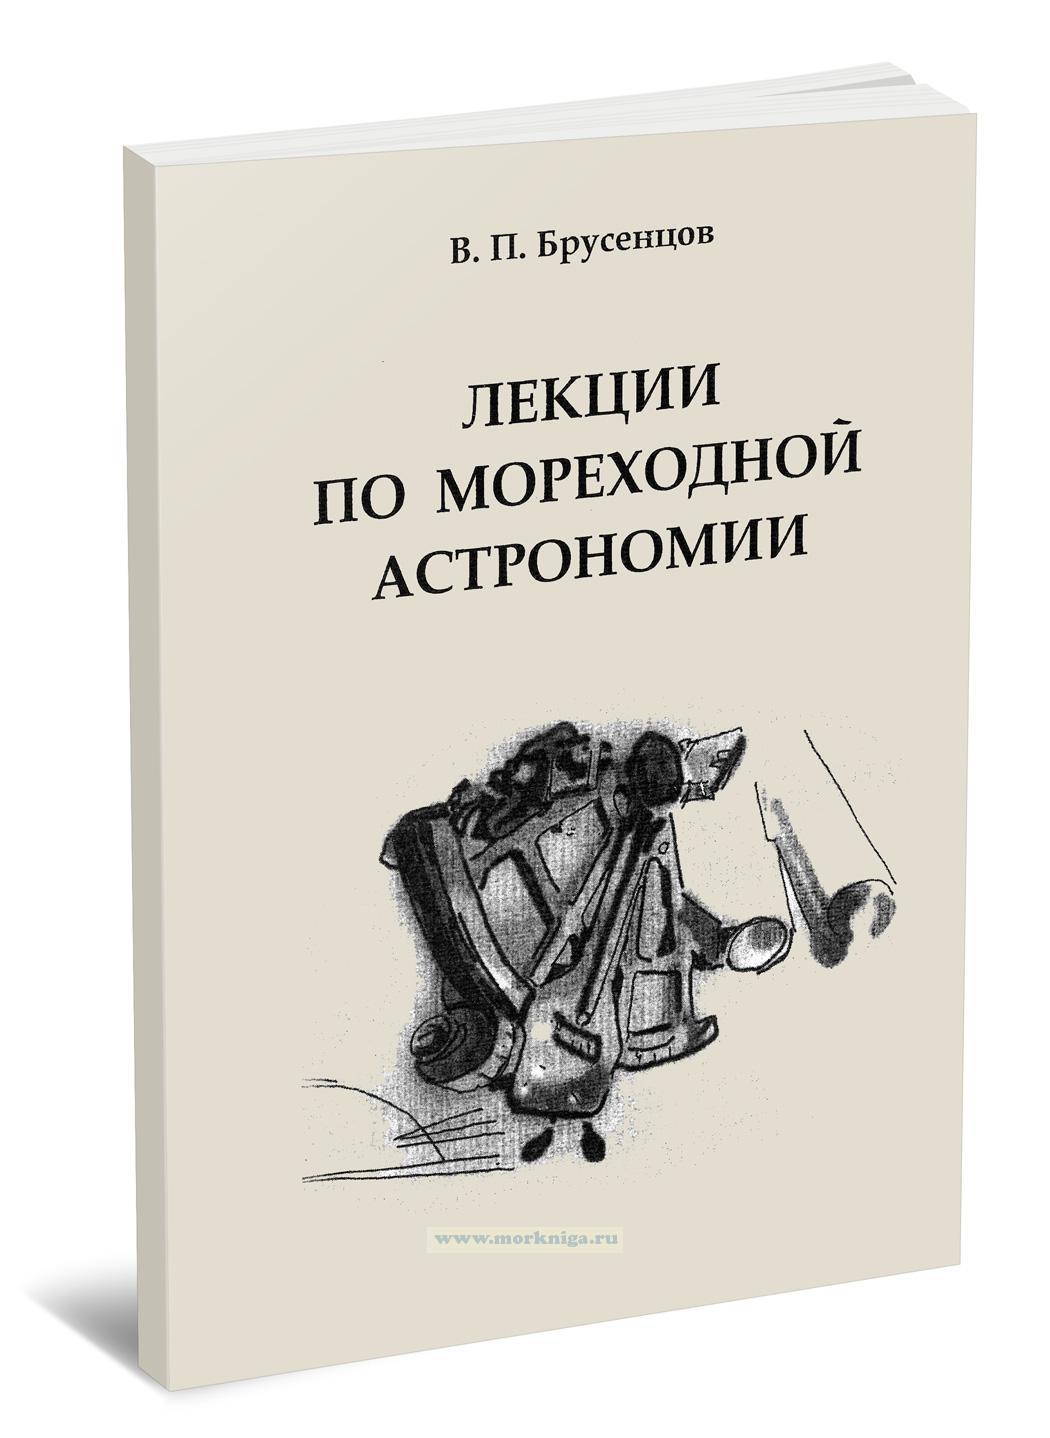 Лекции по мореходной астрономии: учебное пособие